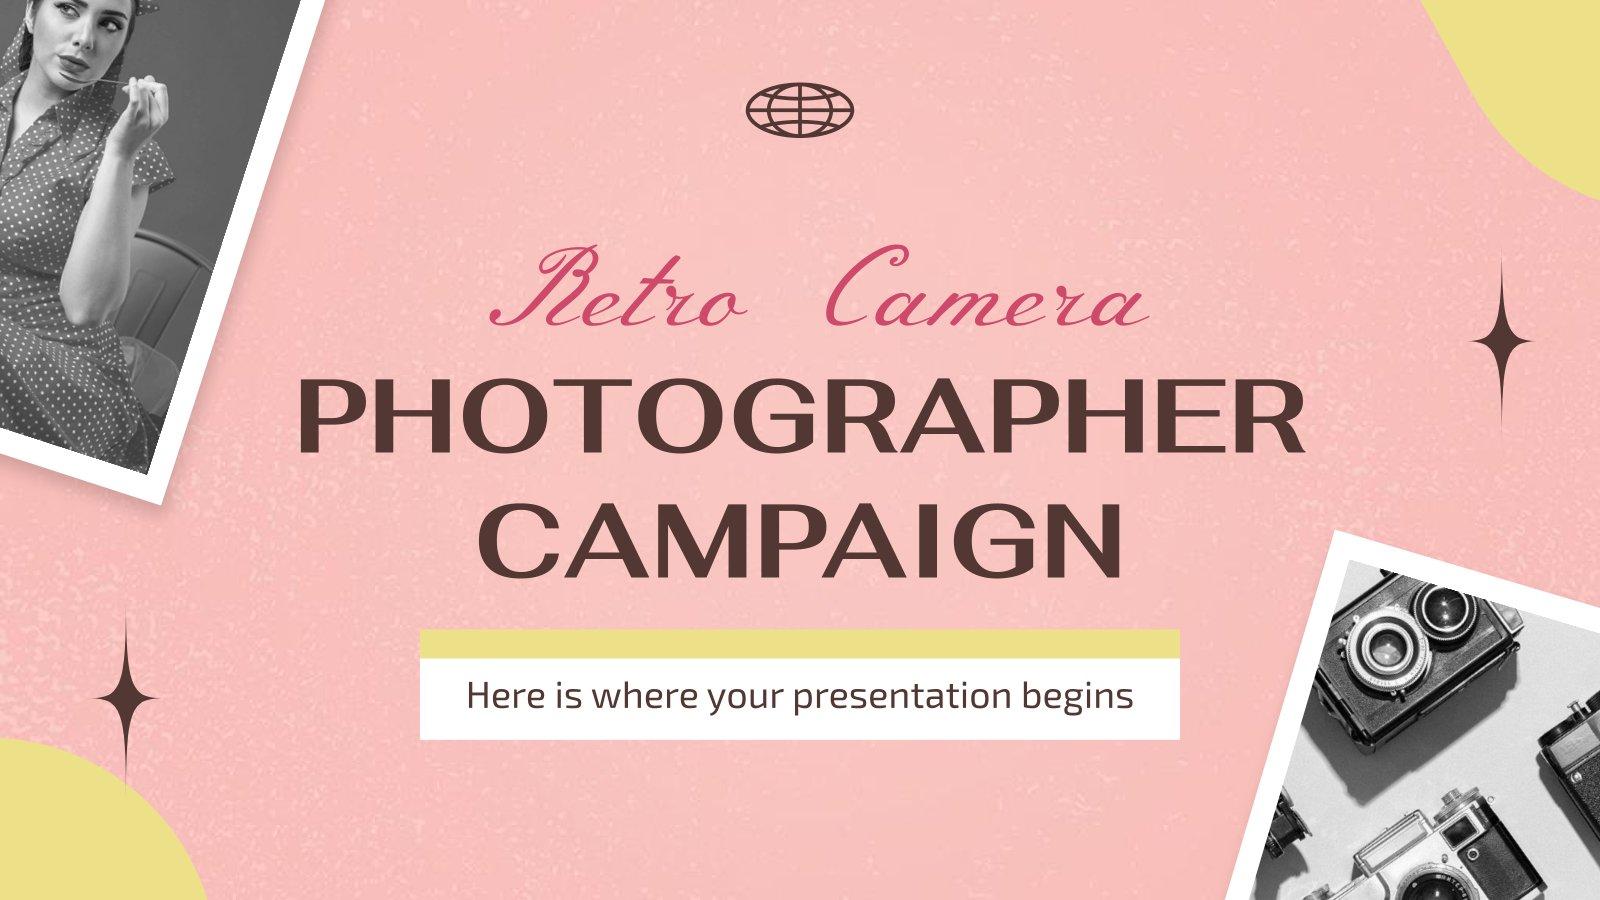 Kampagne für Retro Fotografen Präsentationsvorlage